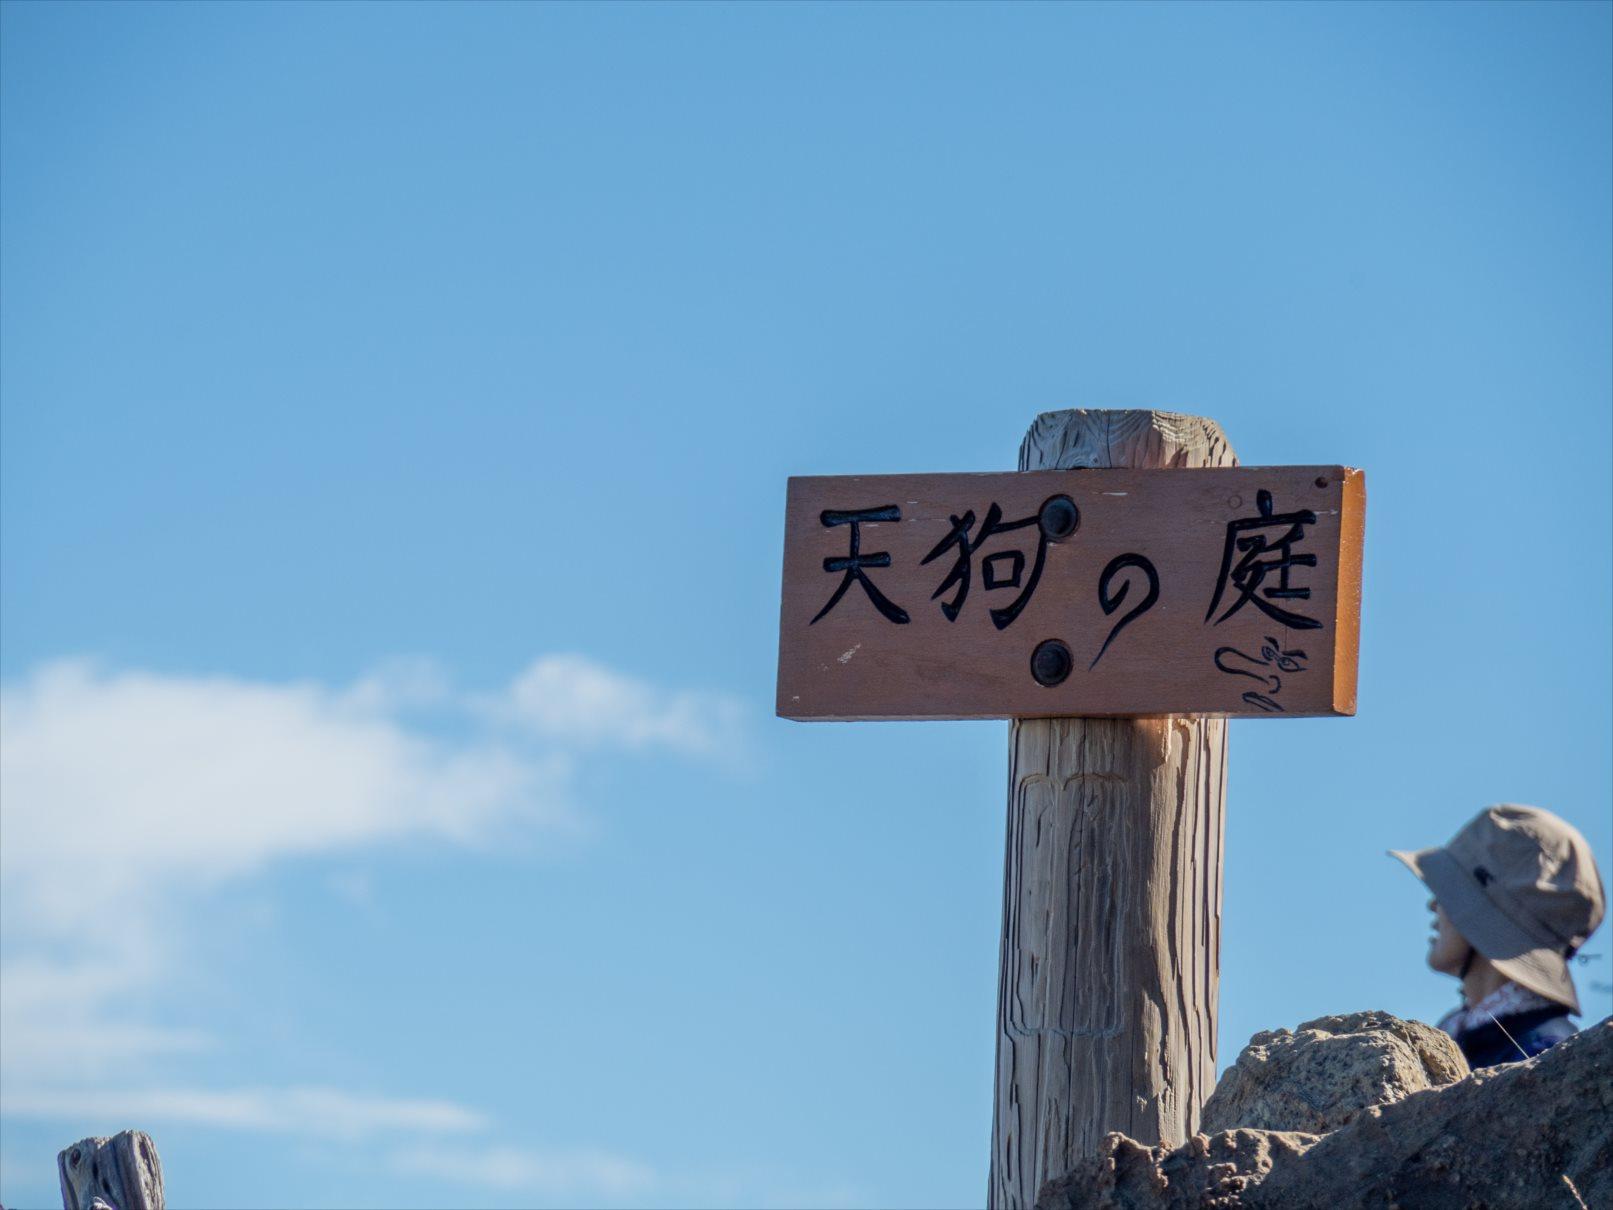 【夏山登山】白馬、雪倉、朝日 (13)_R